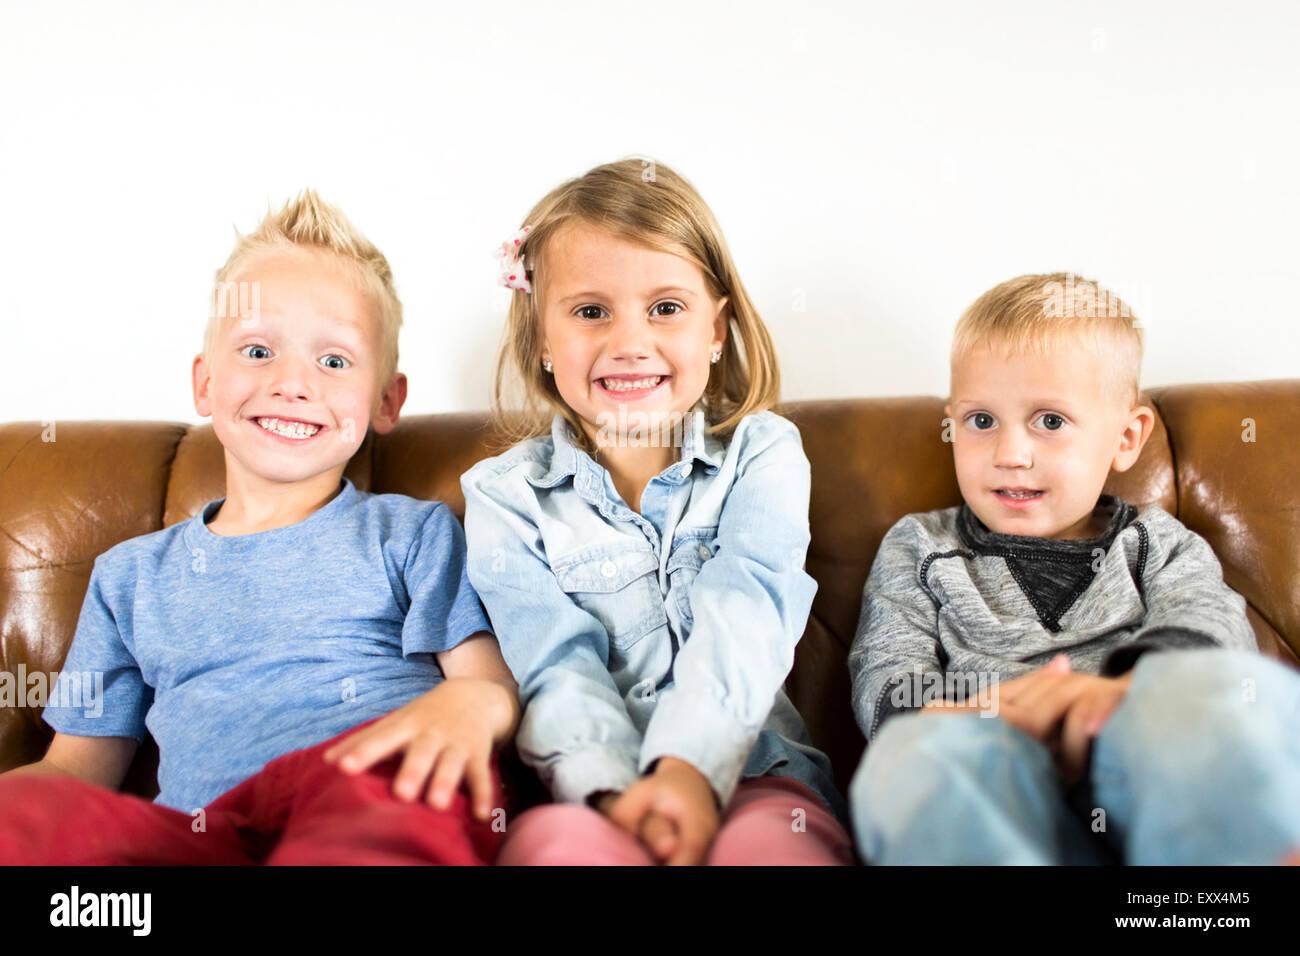 Lächelnd auf Sofa sitzen Kinder (2-3, 4-5) Stockfoto